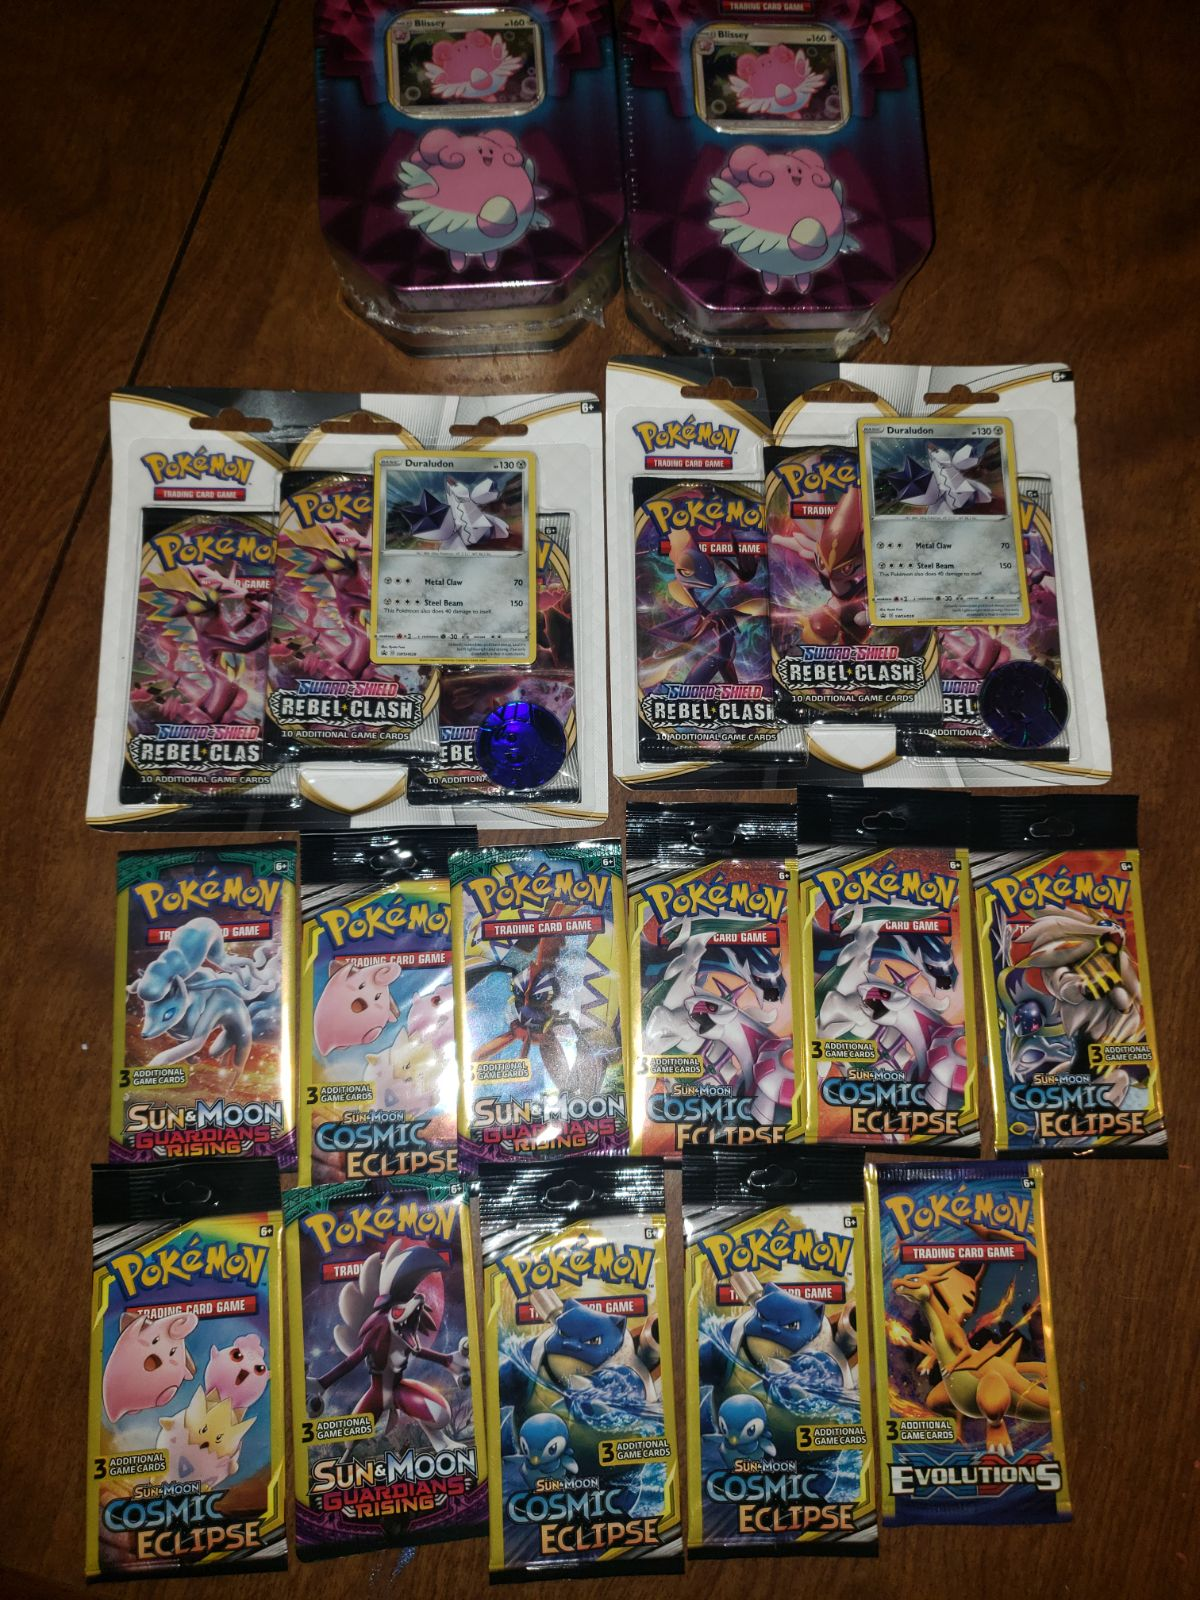 Pokémon tins and cards